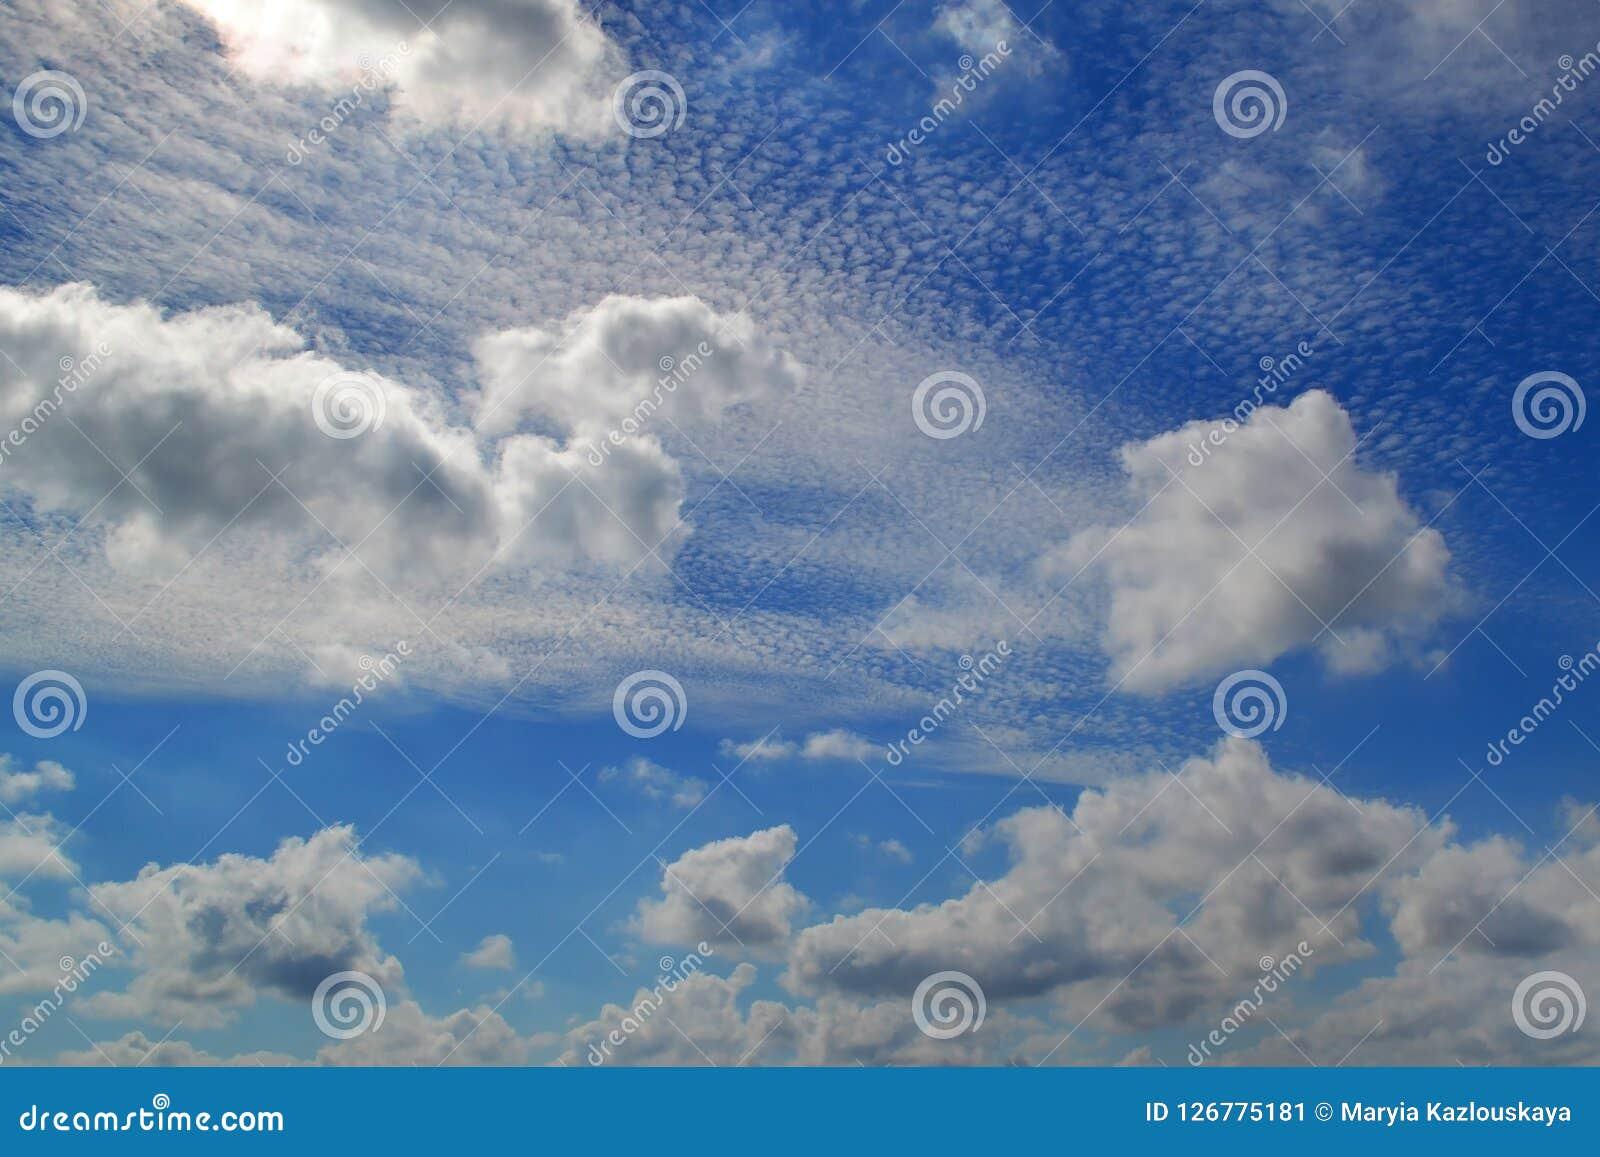 Beaucoup de nuages blancs de différents types : le cumulus, cirrus, a posé haut en ciel bleu